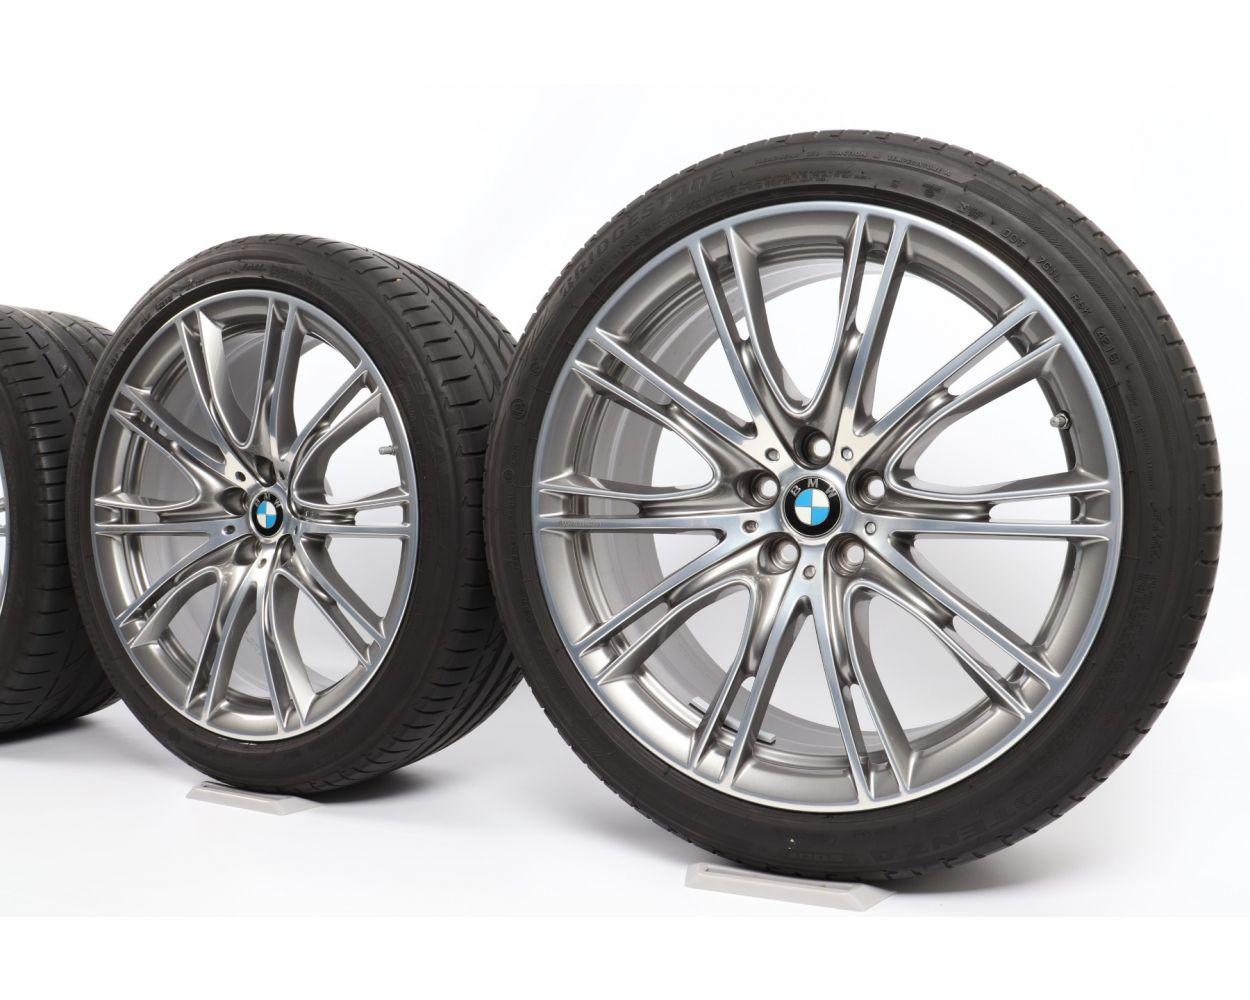 Bmw Summer Wheels 6er G32 7er G11 G12 20 Zoll Sommerradsatz 649i V Spe